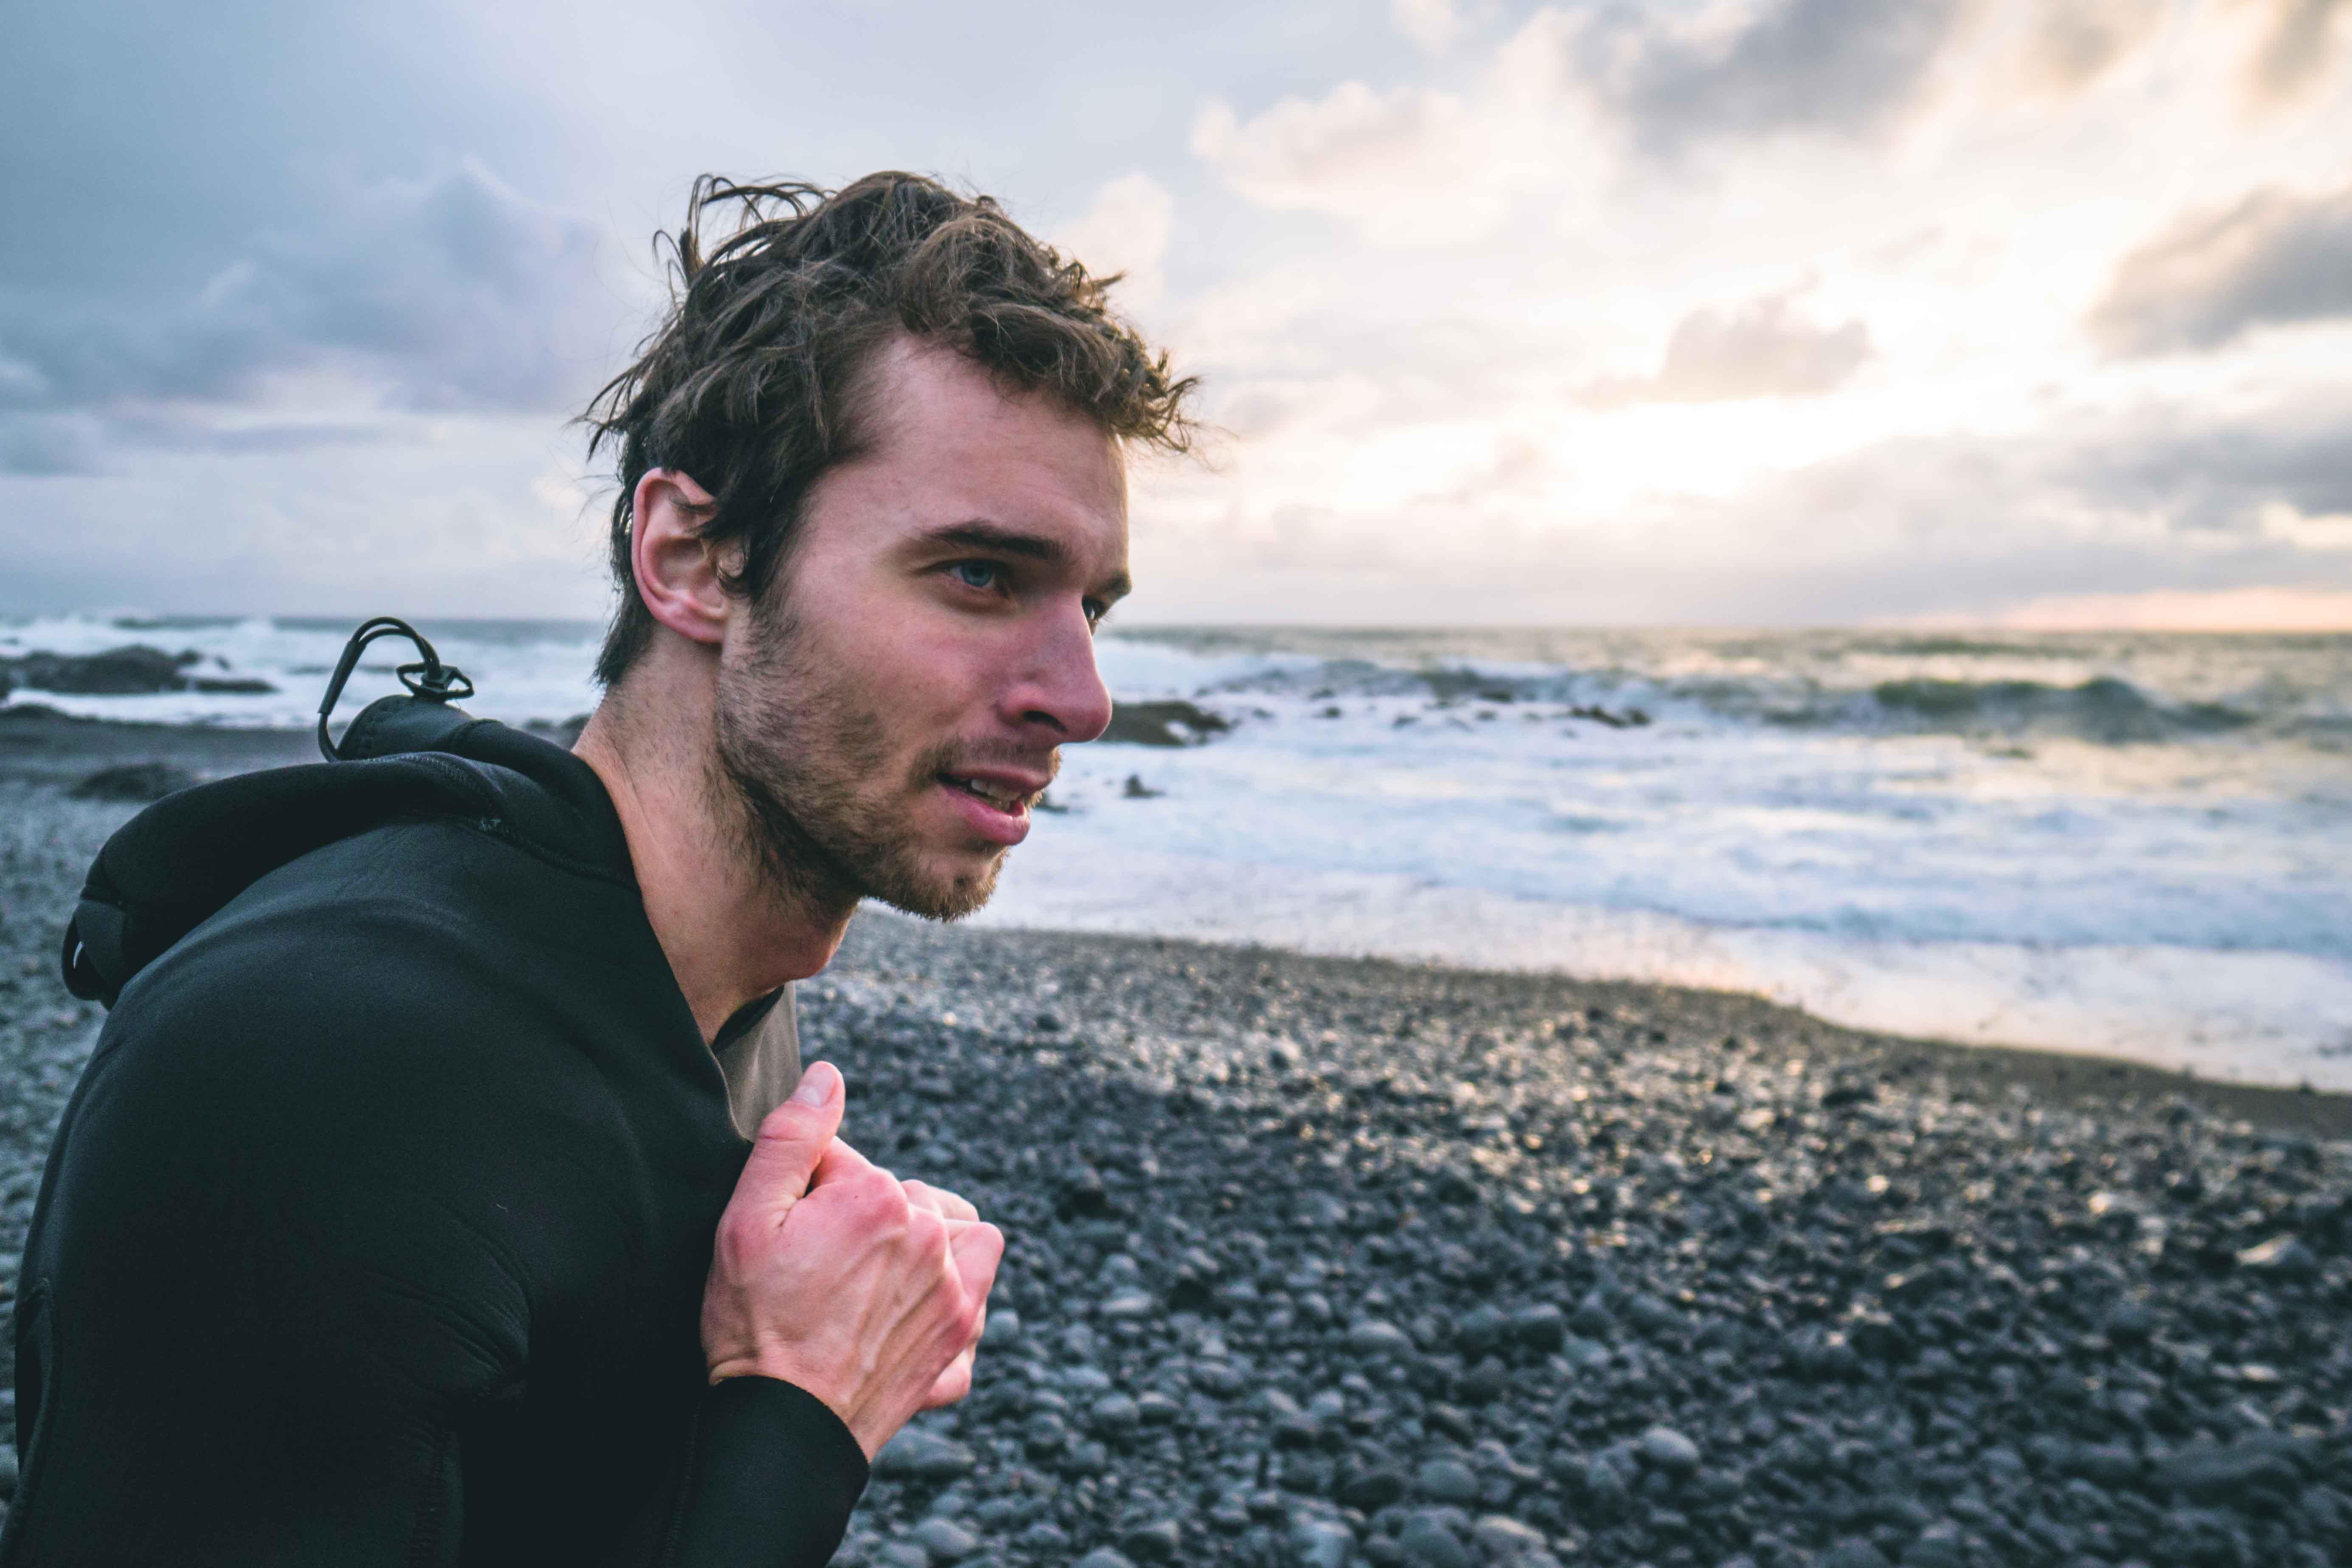 Island Surftrip Reisen Urlaub Wellenreiten11